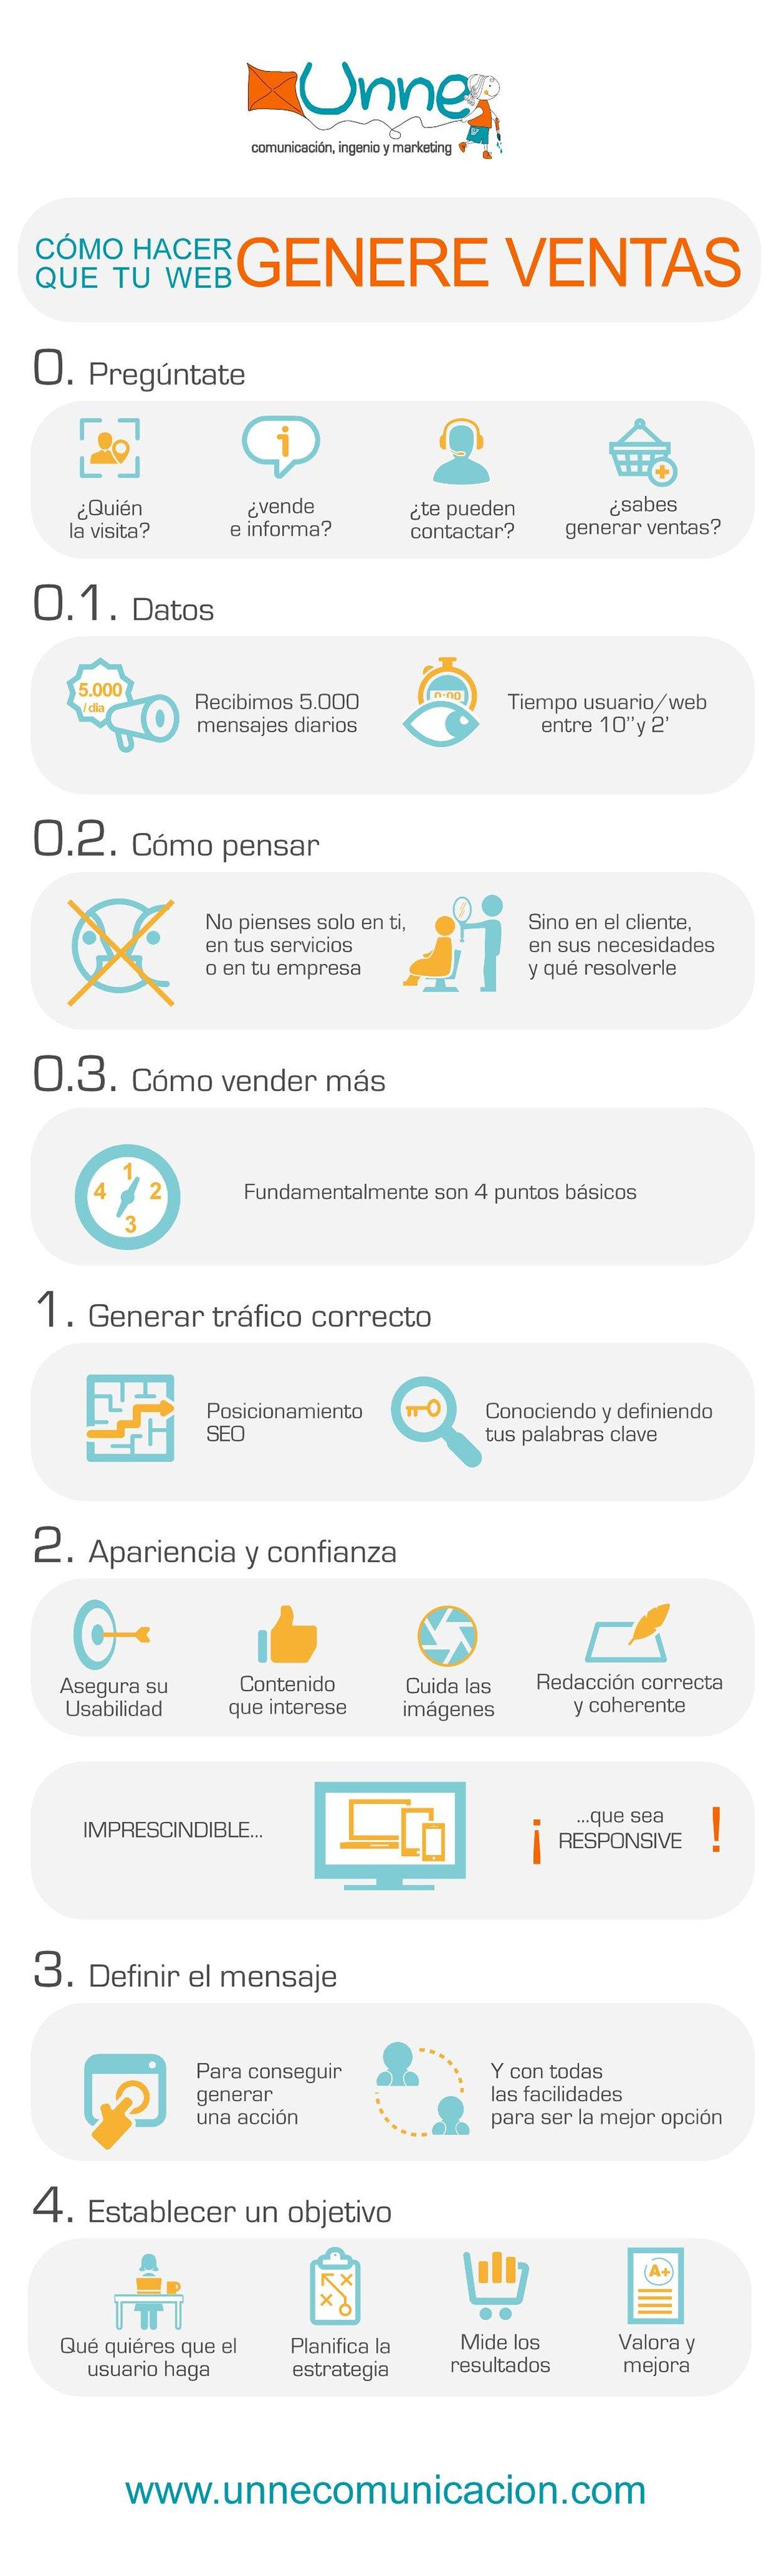 infografia Cómo hacer que tu web genere ventas by Unne  Comunicación